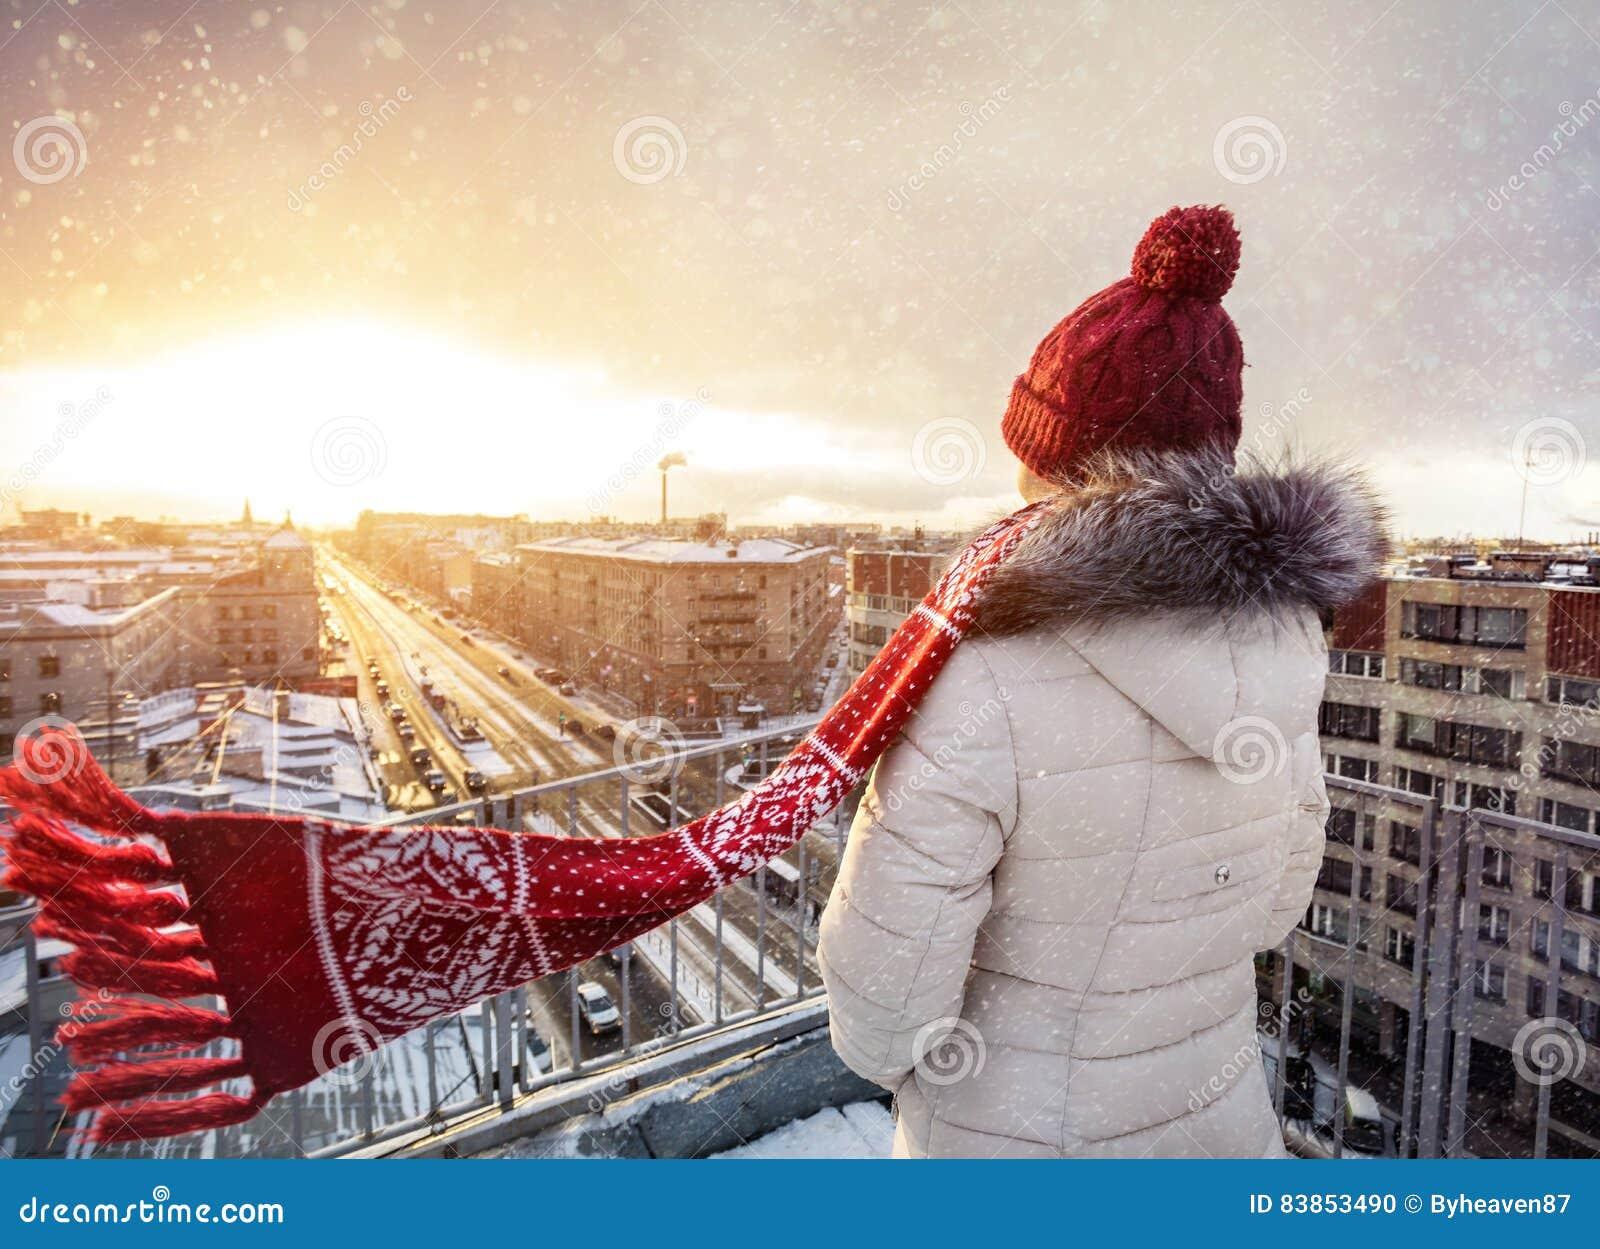 Γυναίκα στη στέγη το χειμώνα Πετρούπολη